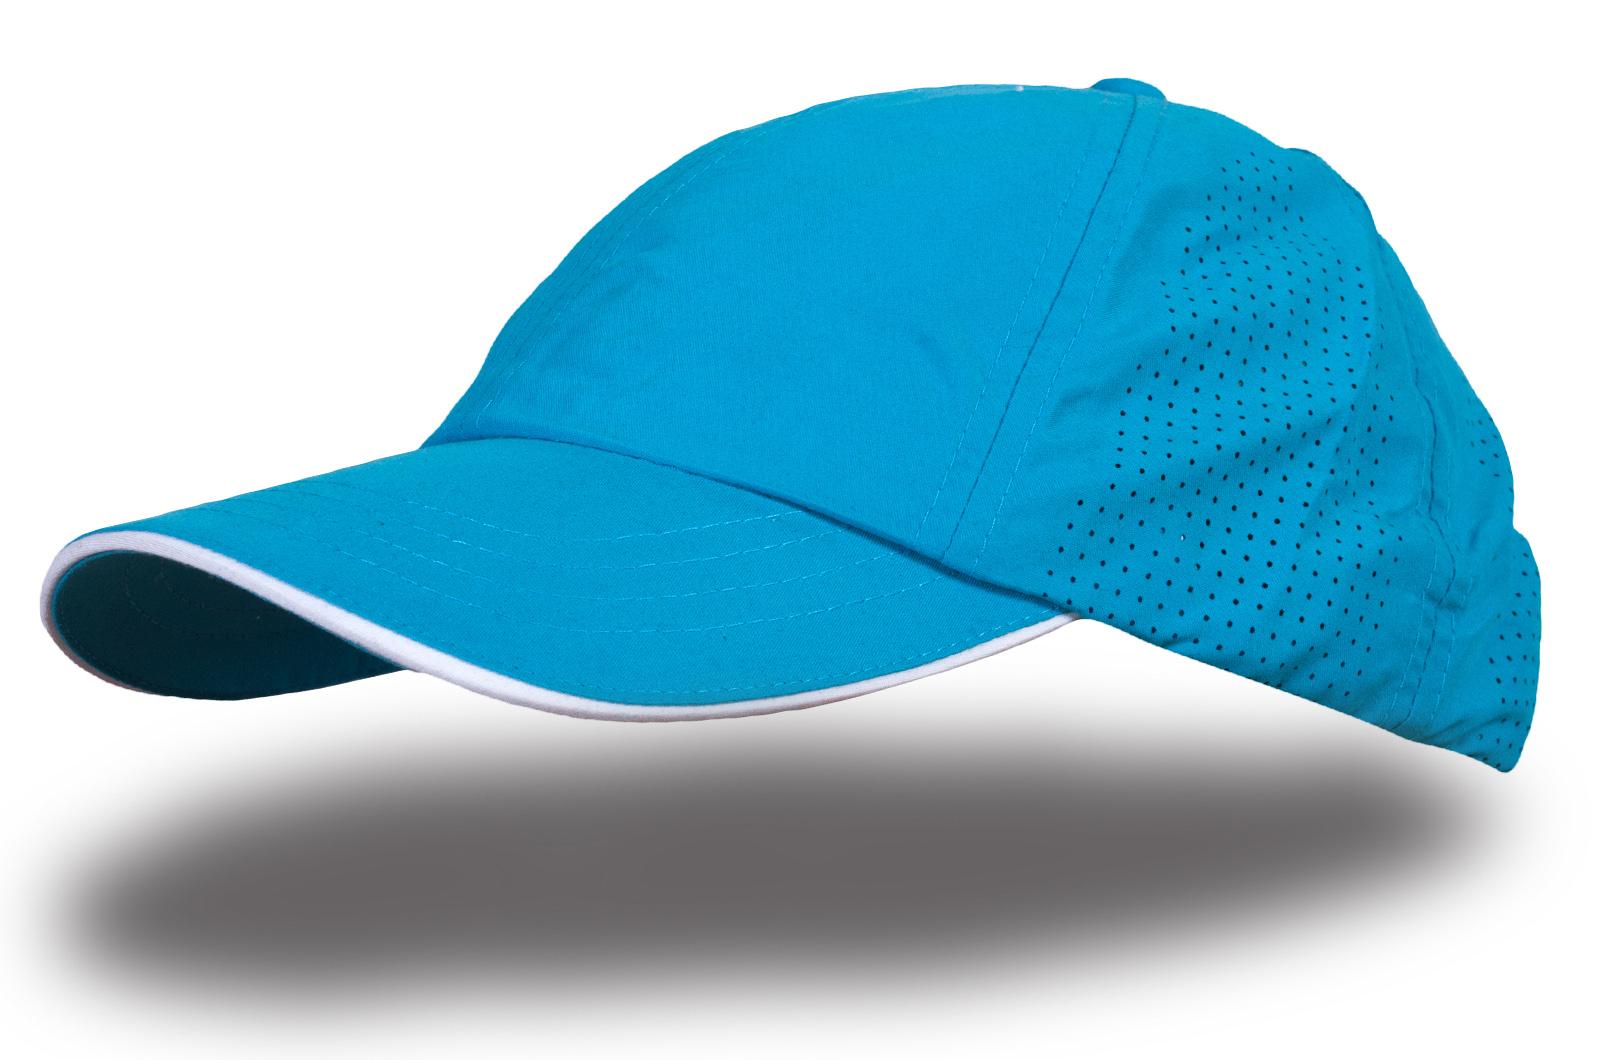 Кепка синяя с перфорацией - купить в интернет-магазине с доставкой